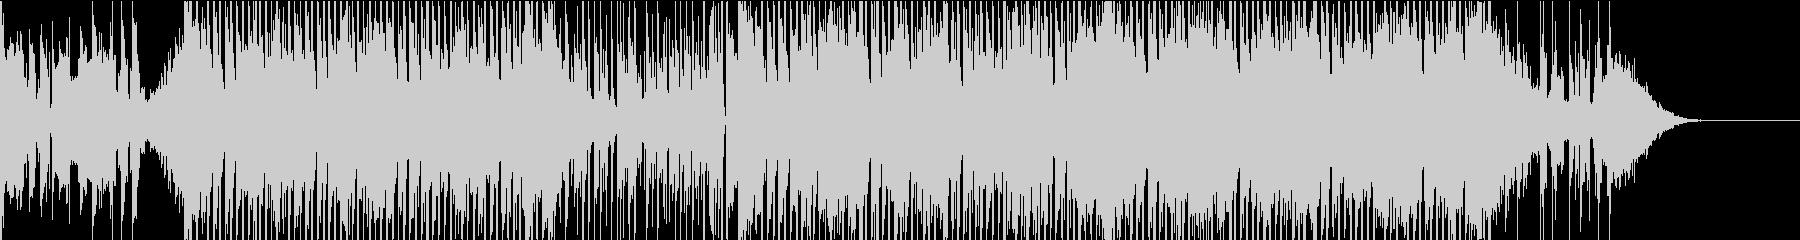 クールでスリリングなインストの未再生の波形